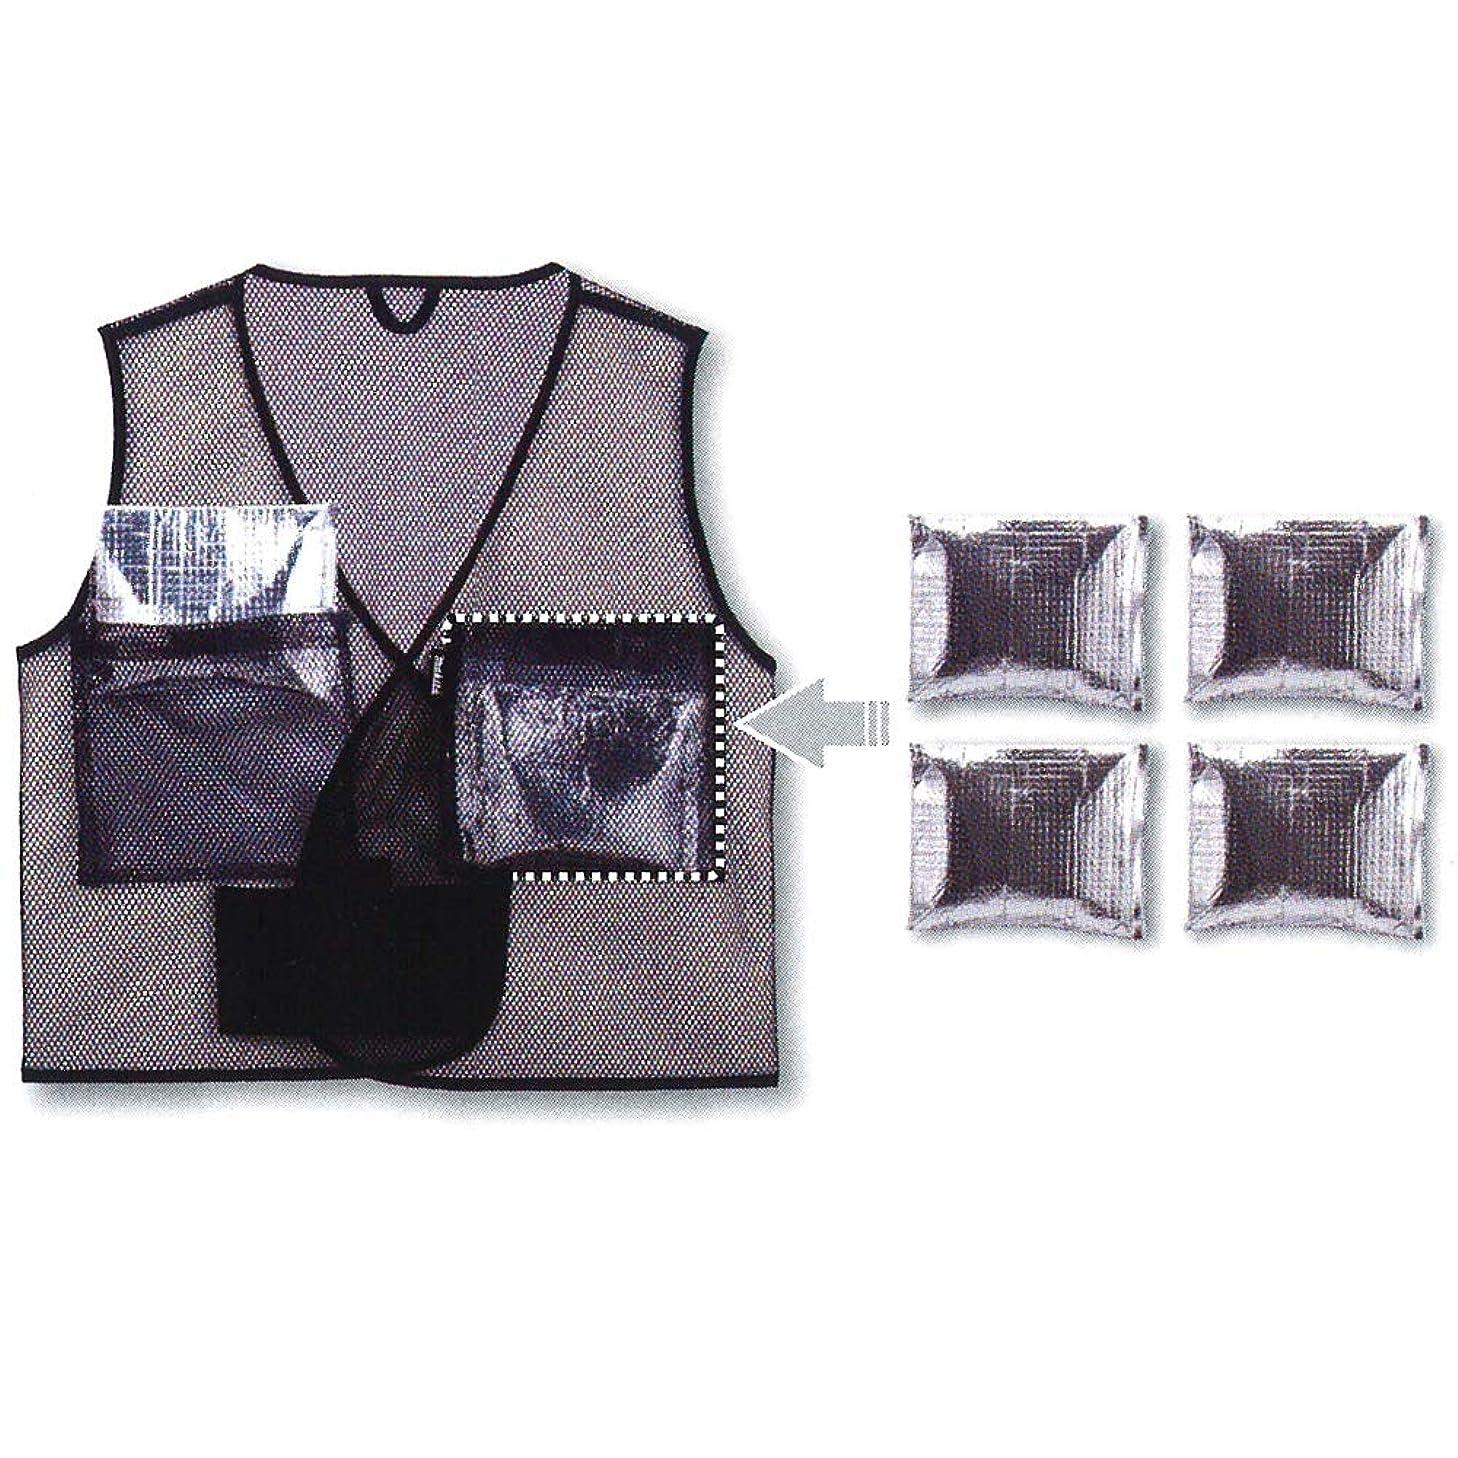 マキタ 保冷ベスト A-68694-(Size:LL/3L/4Lで共通サイズ) 保冷剤ポケットx4